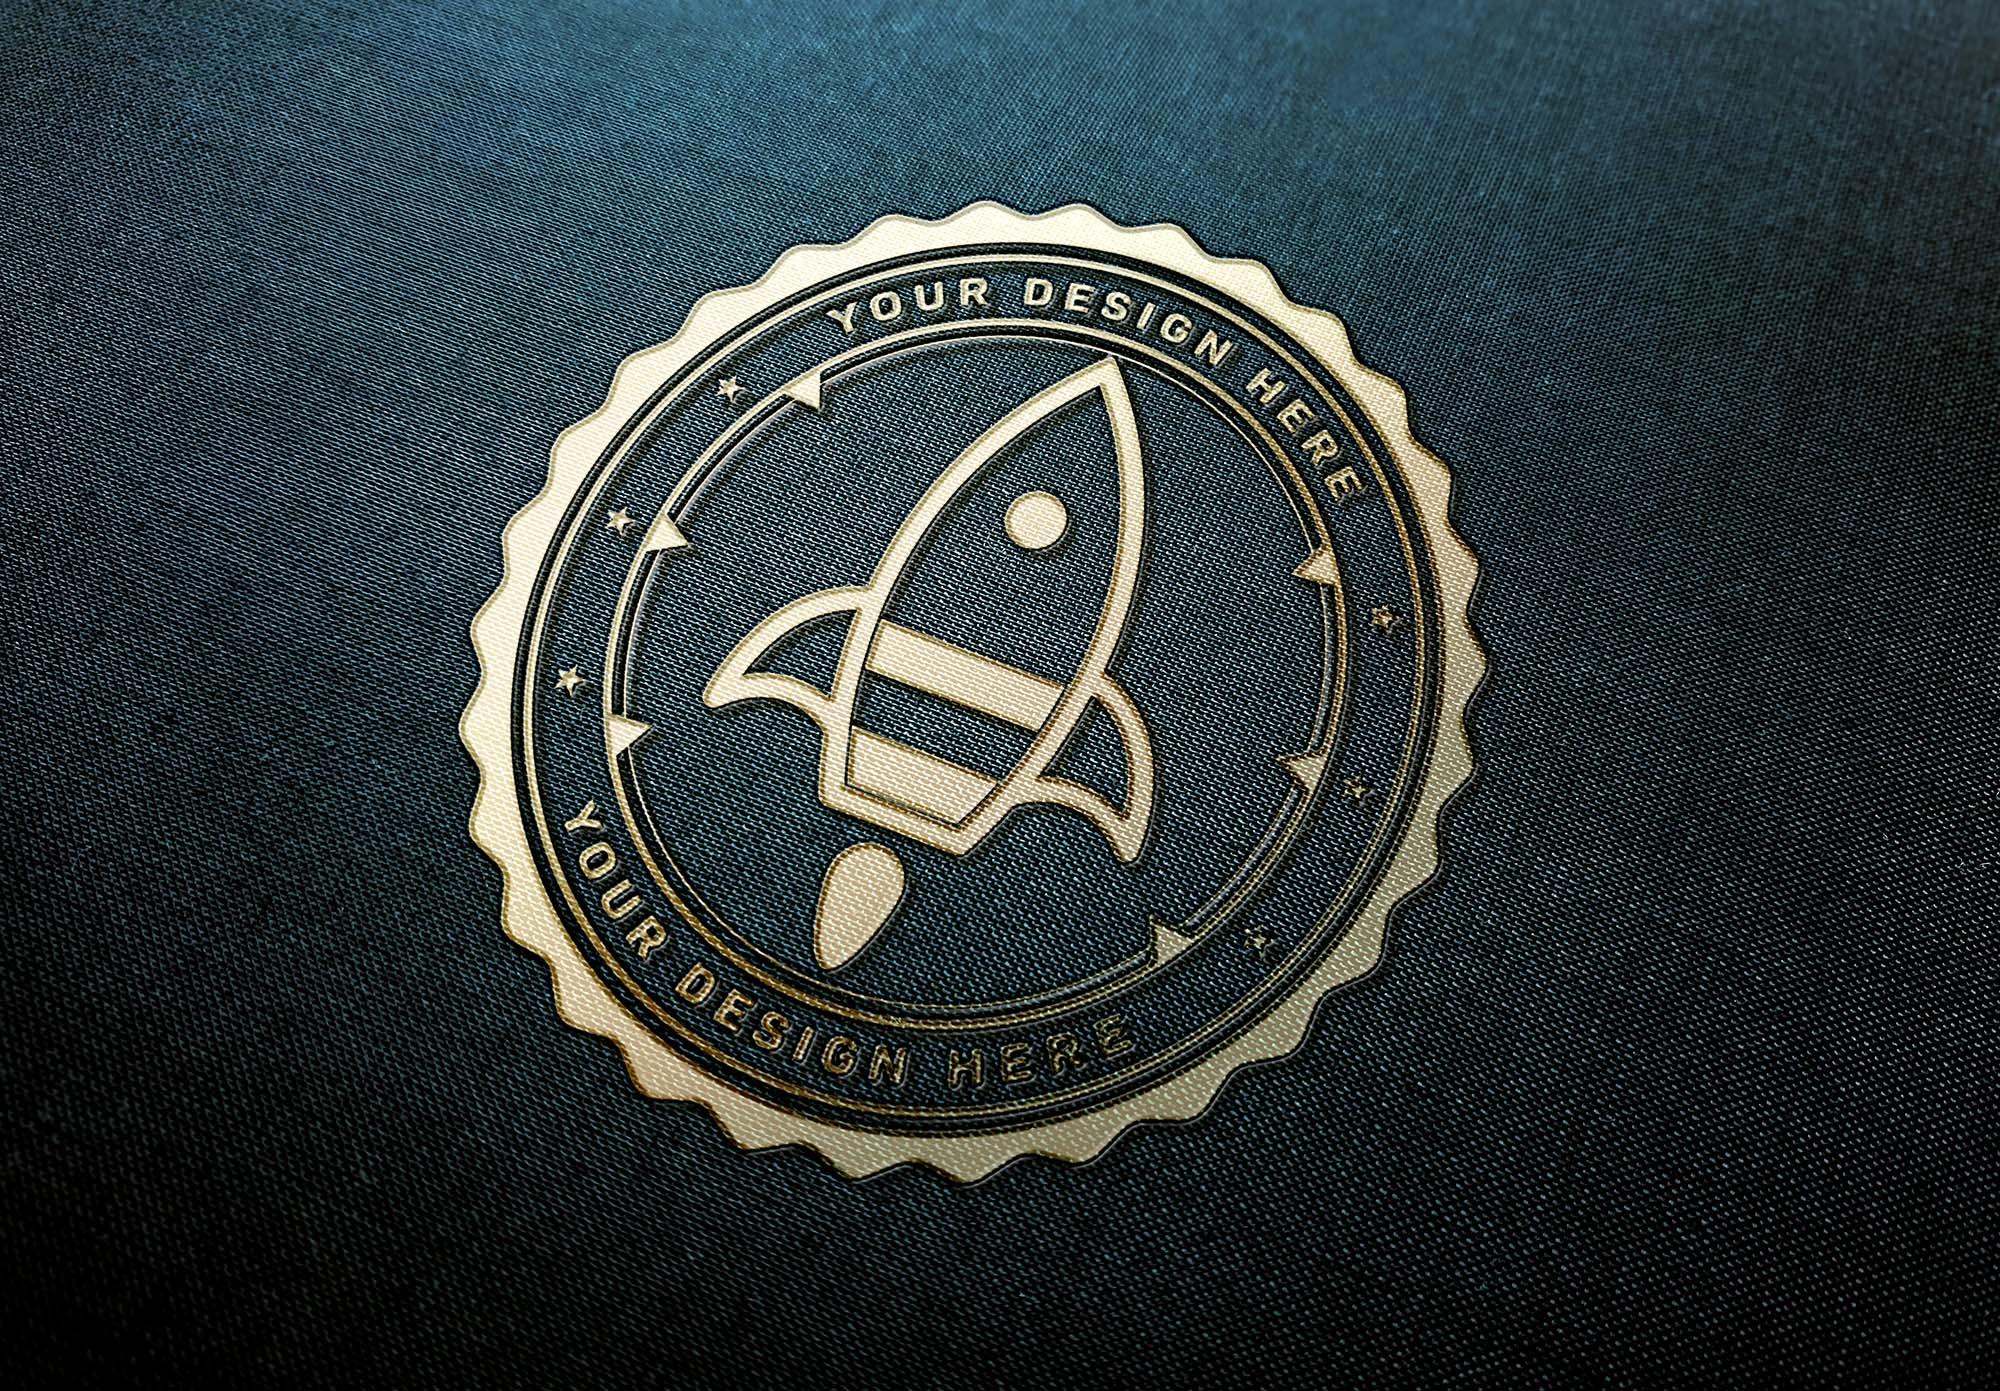 Gold Logo on Fabric Mockup